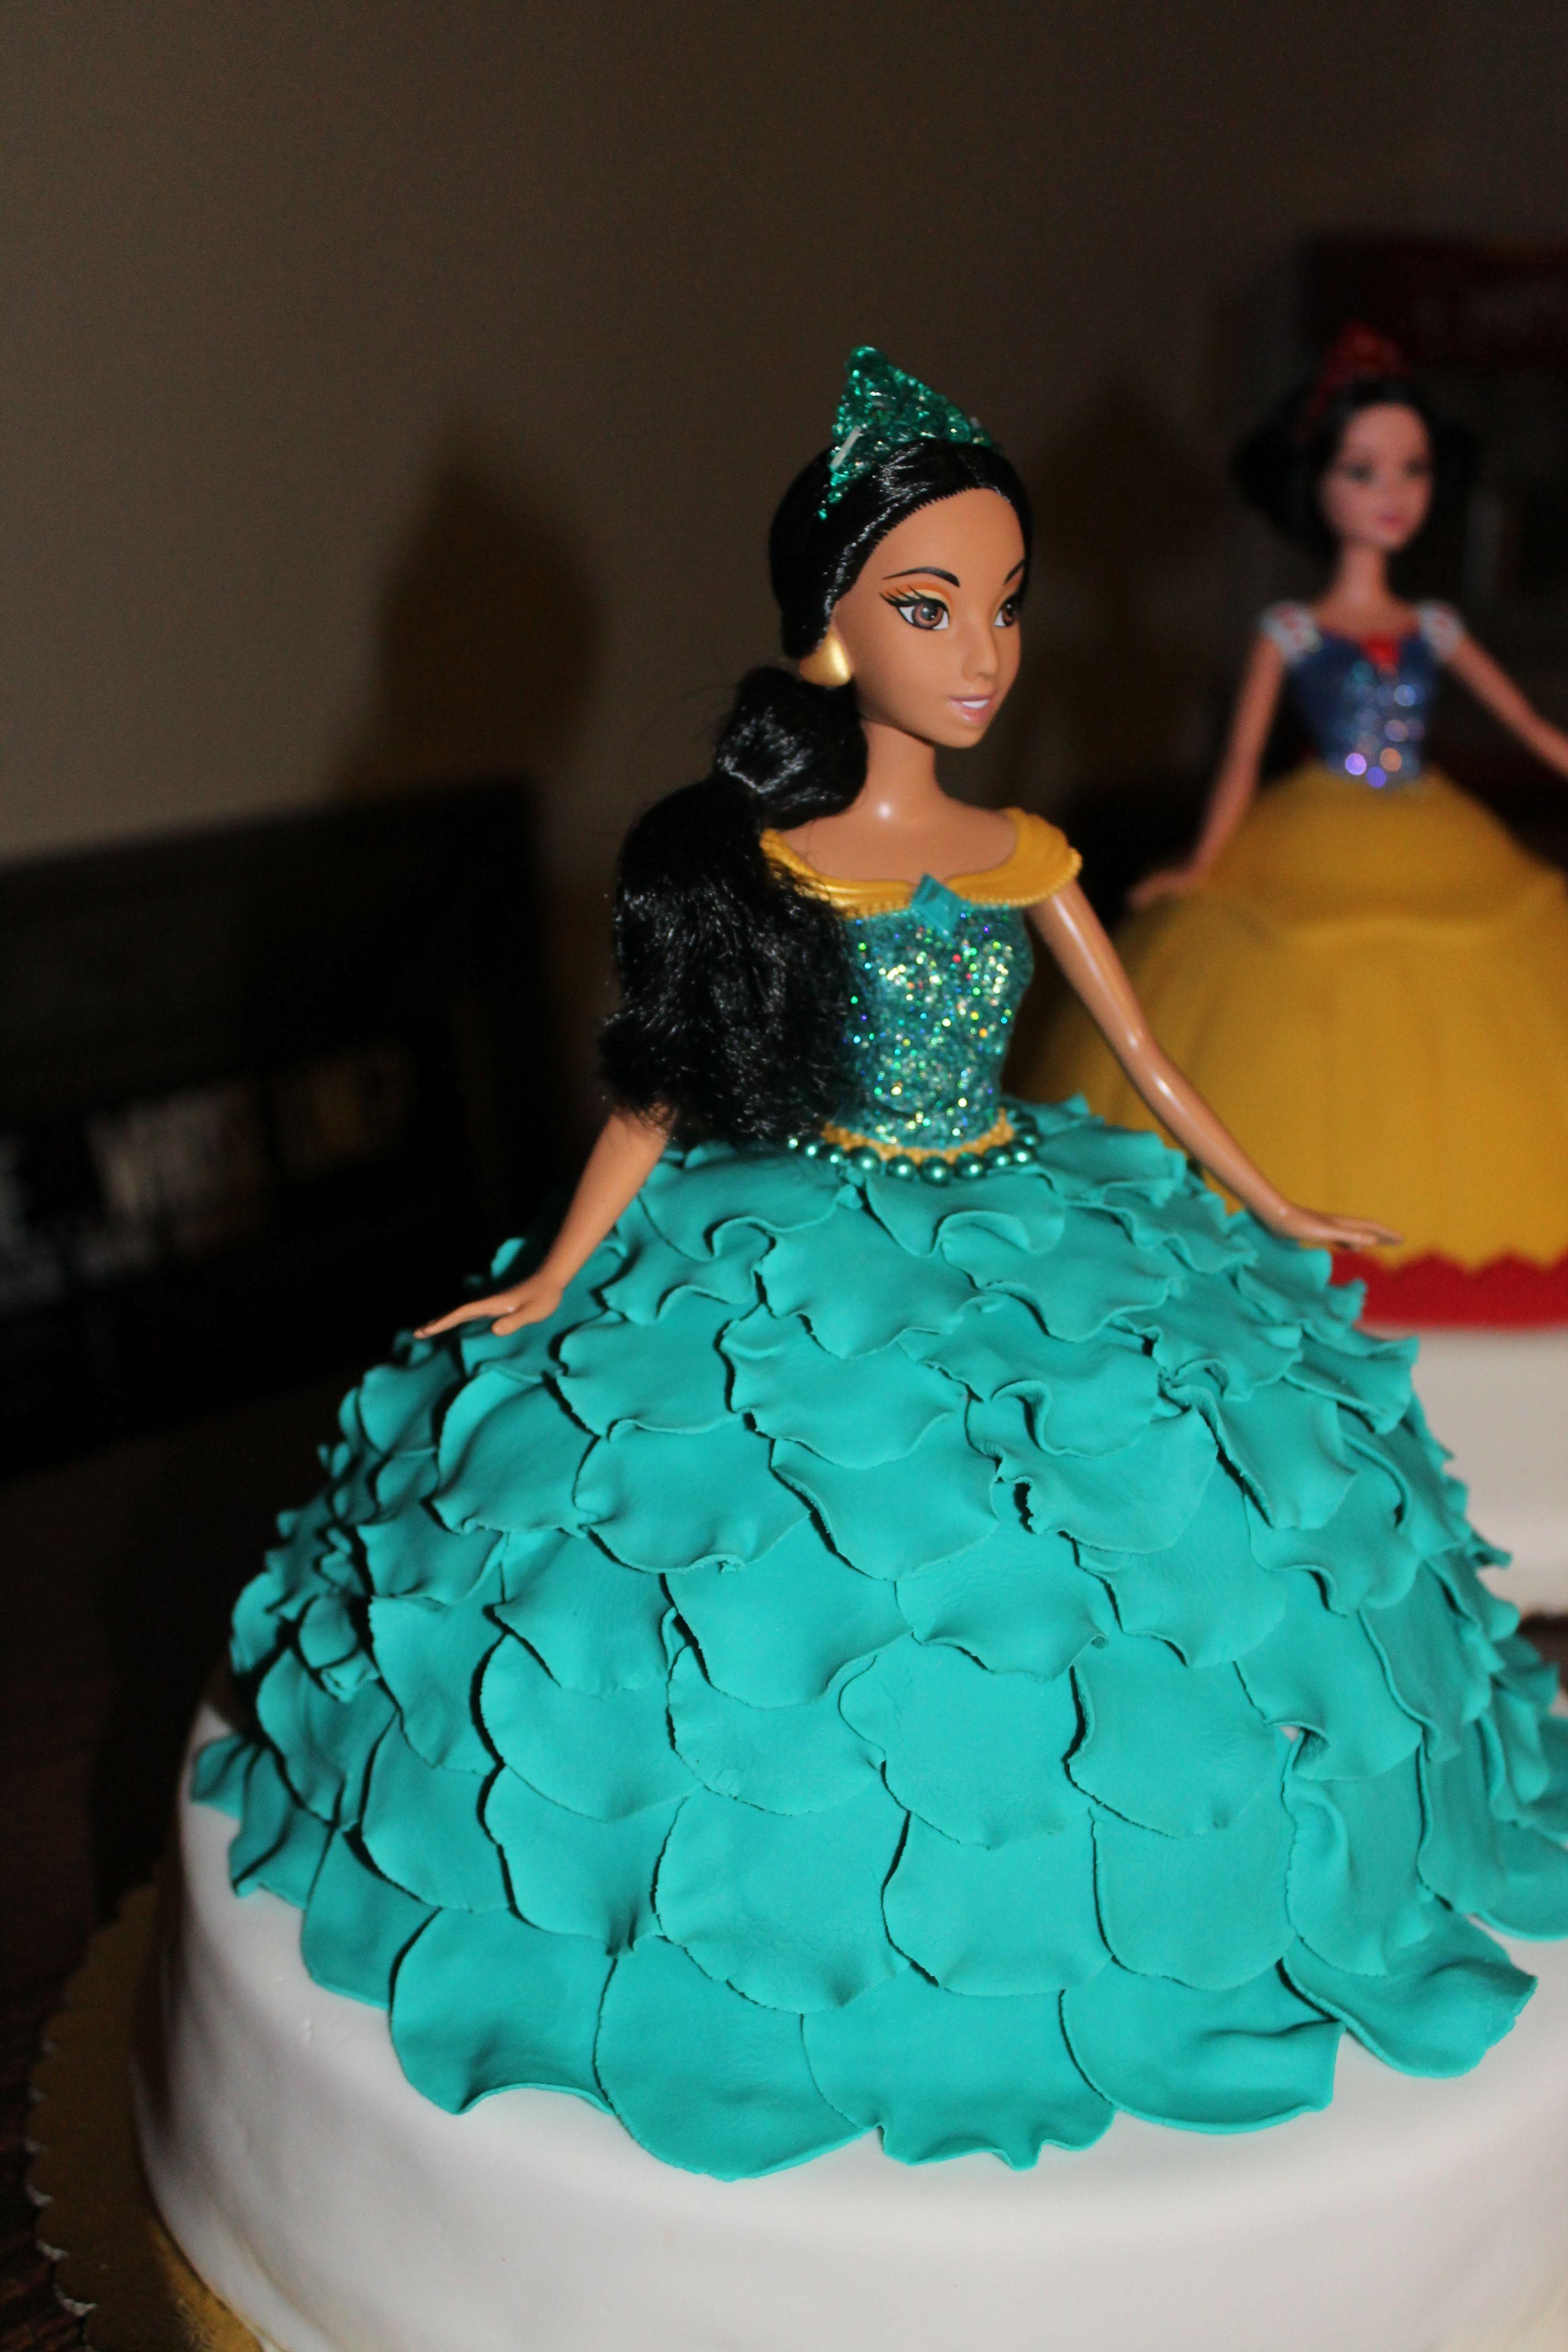 Disney Princess Jasmine cake cakes Pinterest ...